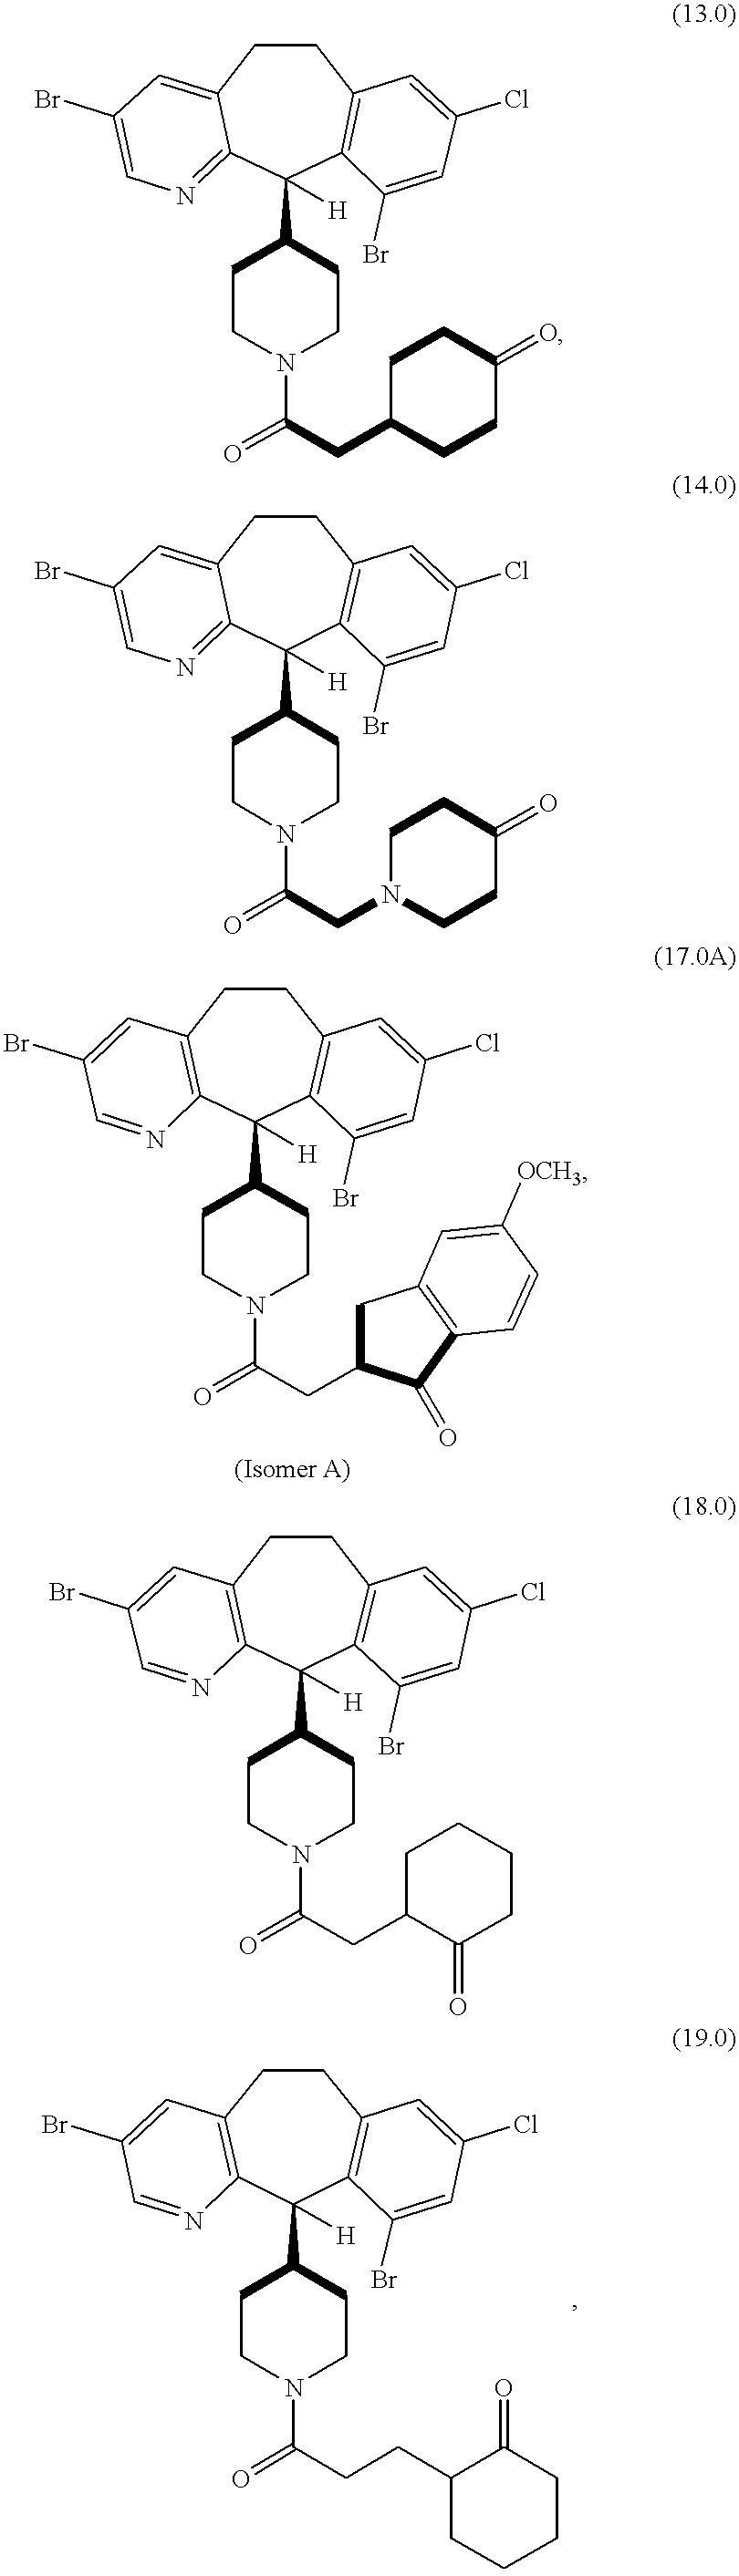 Figure US06211193-20010403-C00263